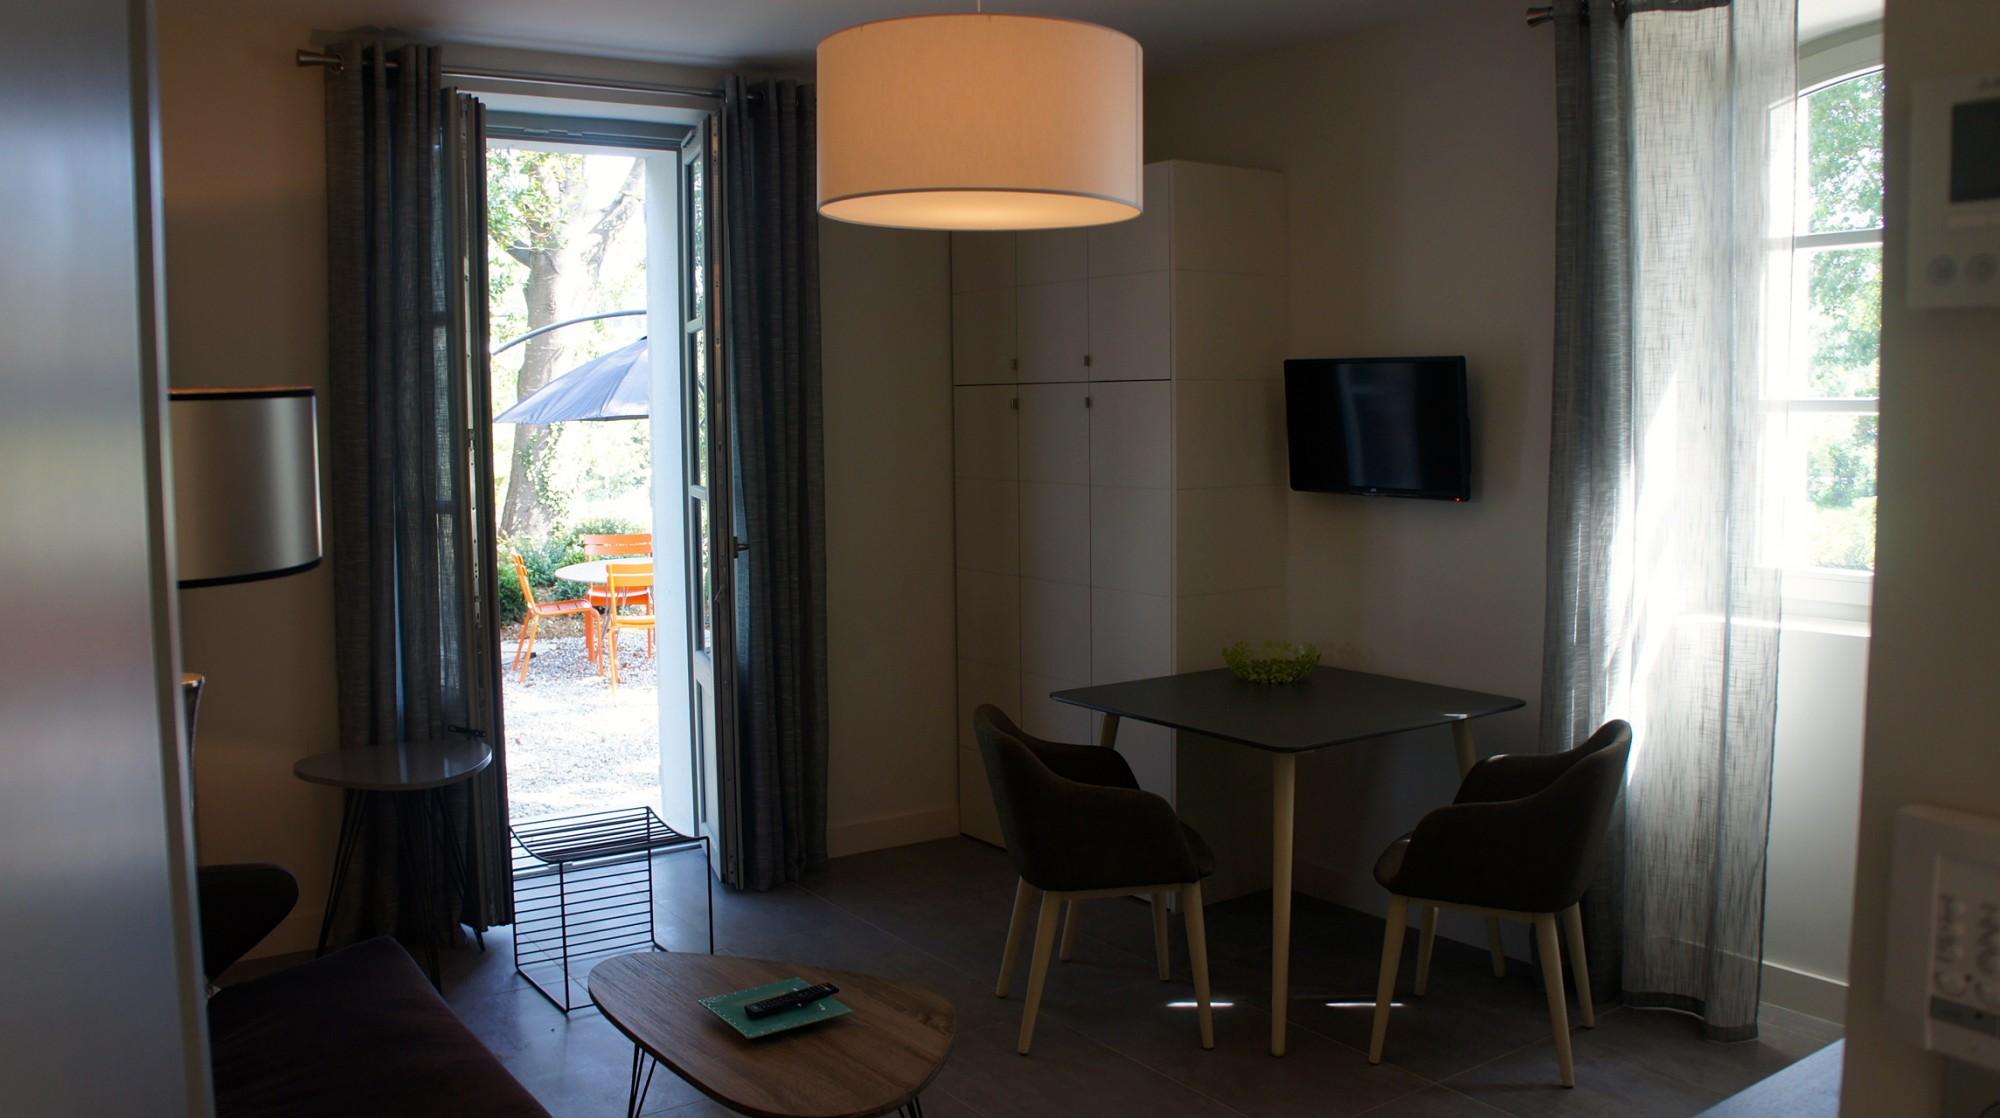 Location appartement Aix en Provence : prenez des vacances